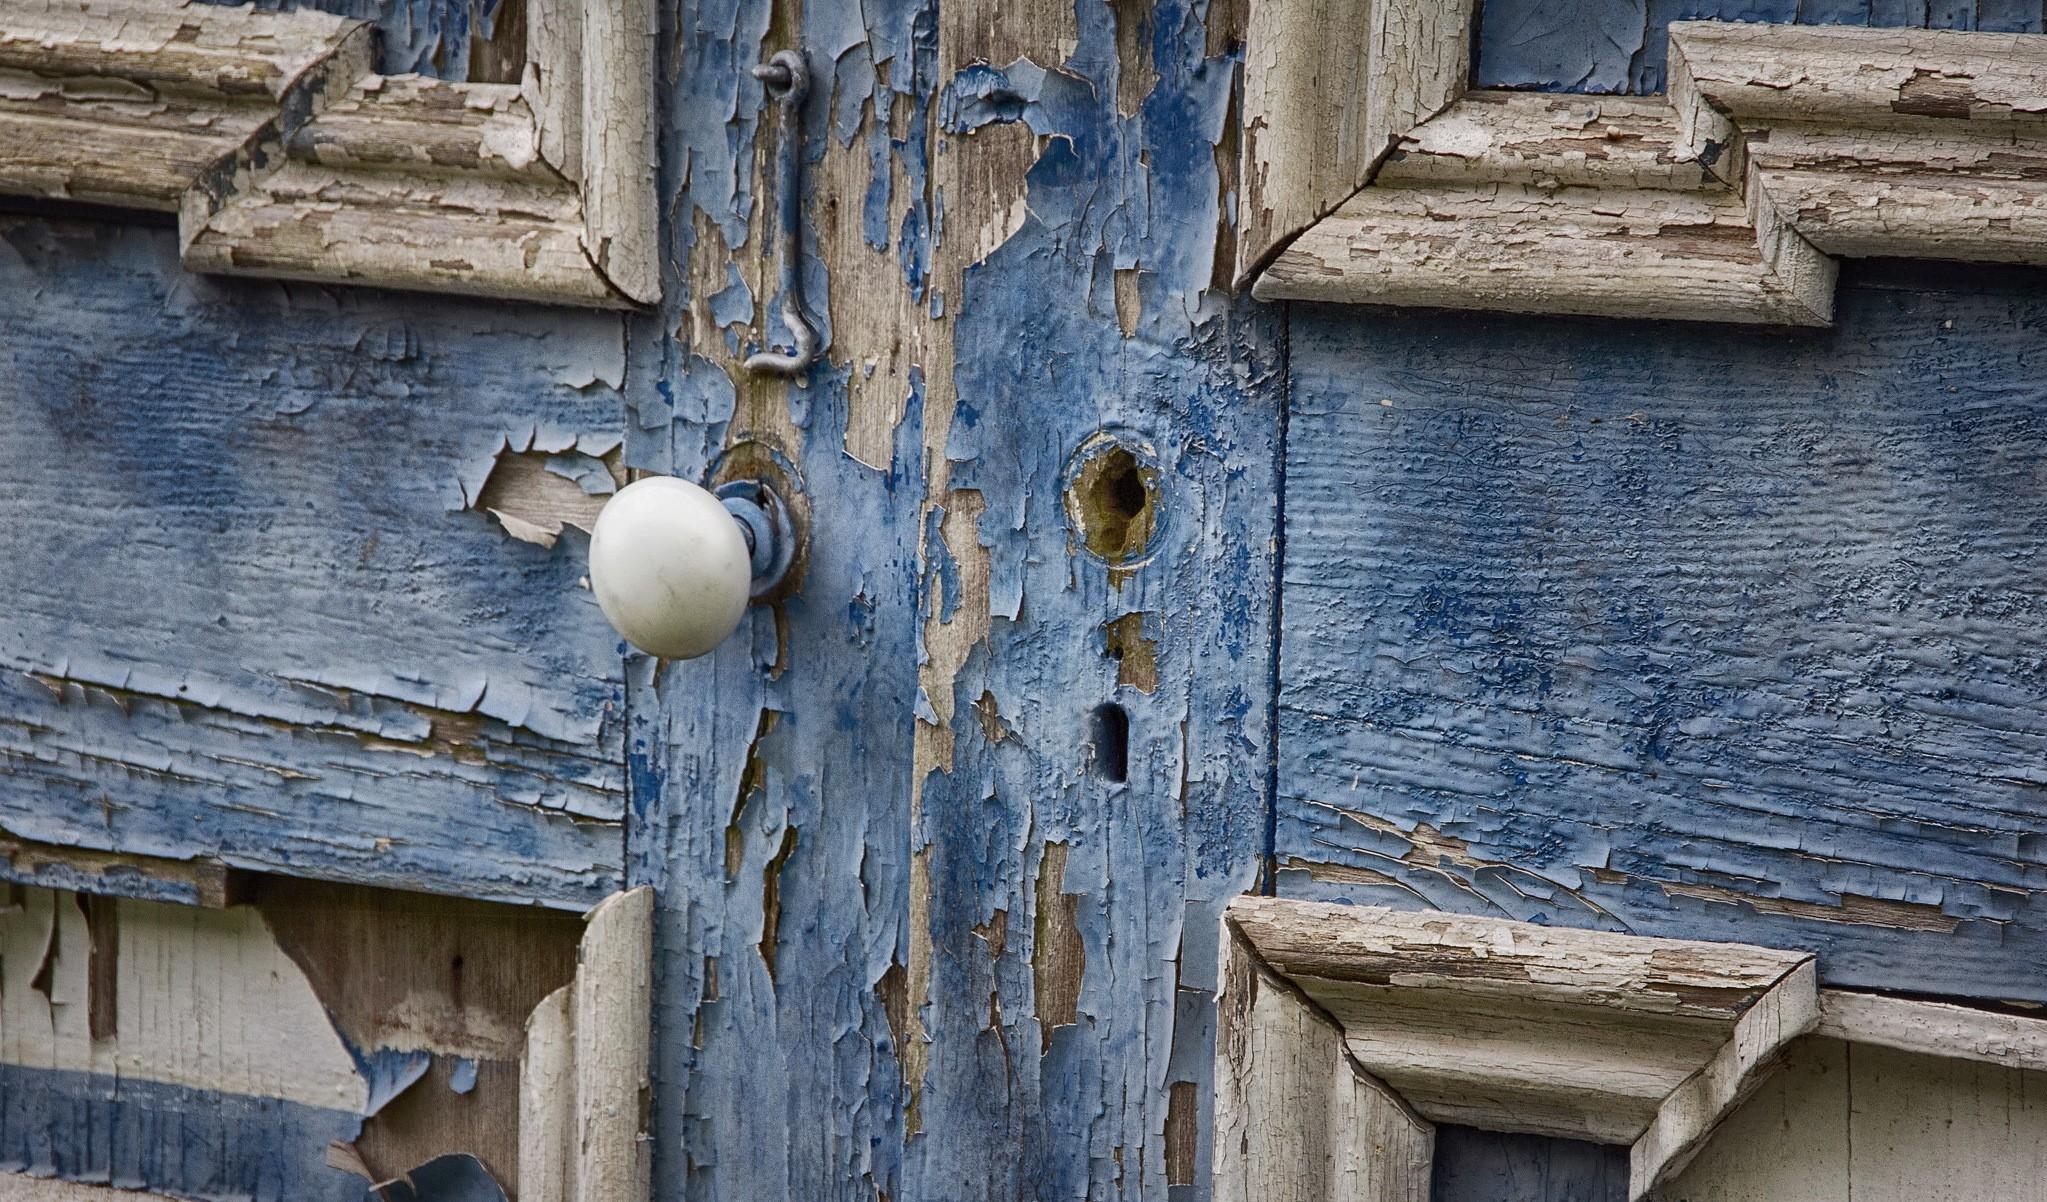 Couleur Façade Maison Ancienne fond d'écran : fenêtre, architecture, mur, bois, maison